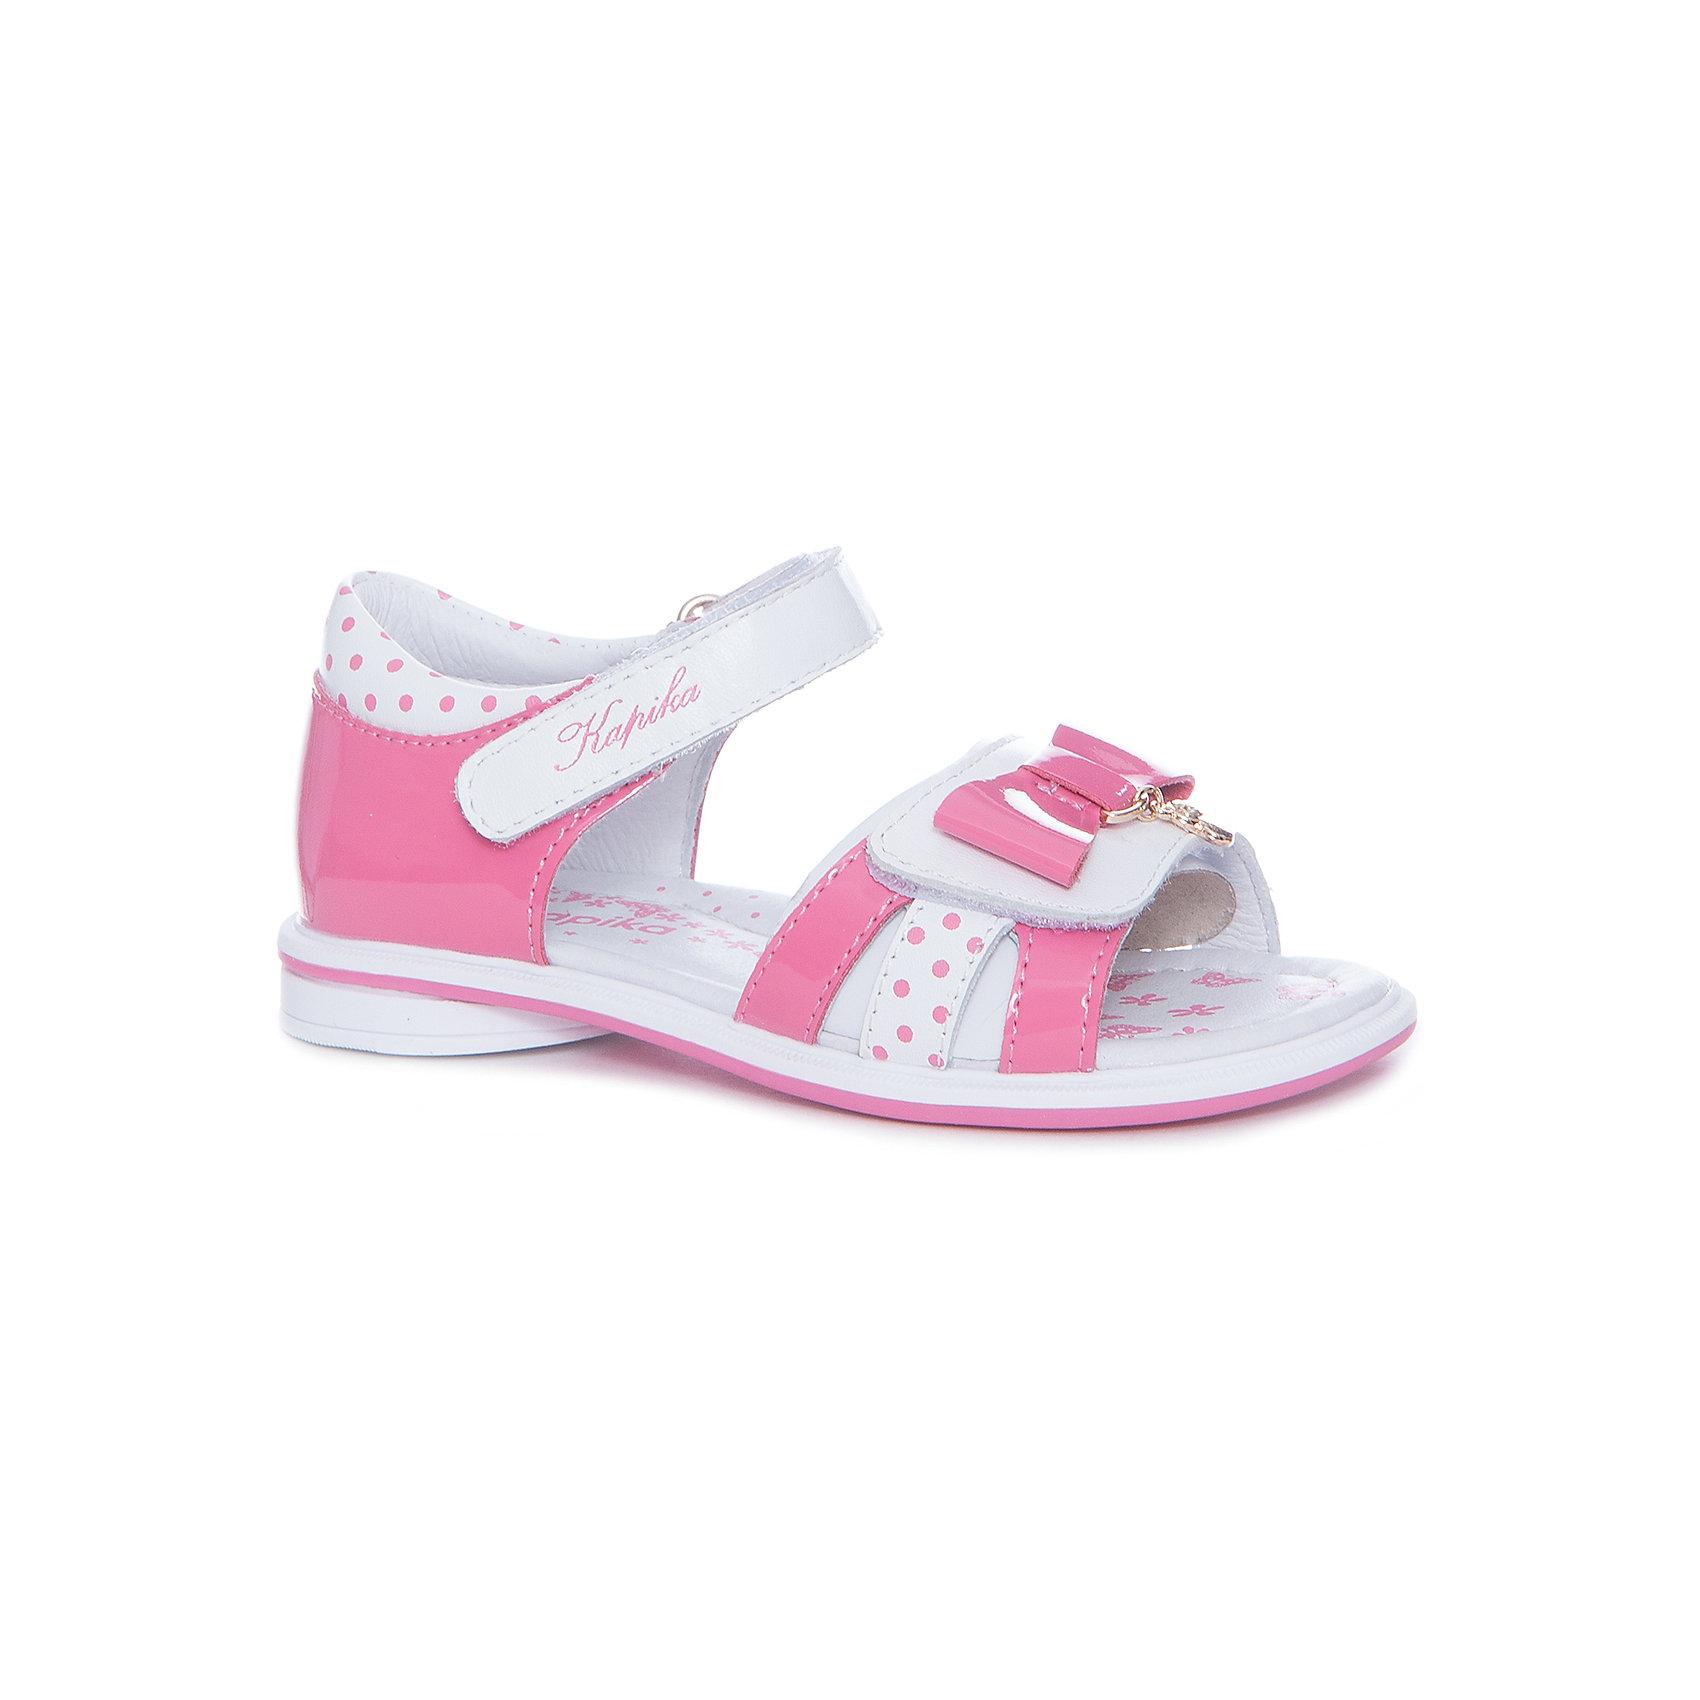 Босоножки для девочки KAPIKA, розовыйСандалии<br>Характеристики товара:<br><br>• цвет: розовый, белый<br>• тип обуви: анатомическая<br>• внешний материал обуви: натуральная кожа<br>• внутренний материал: натуральная кожа<br>• стелька: натуральная кожа<br>• подошва: ТЭП<br>• с открытым мысом<br>• тип застежки: на липучке<br>• сезон: лето<br>• страна бренда: Россия<br>• страна изготовитель: Китай<br><br>Босоножки с открытым мысом для девочки от российского бренда Kapika (Капика) можно купить в нашем интернет-магазине.<br><br>Ширина мм: 227<br>Глубина мм: 145<br>Высота мм: 124<br>Вес г: 325<br>Цвет: бело-розовый<br>Возраст от месяцев: 60<br>Возраст до месяцев: 72<br>Пол: Женский<br>Возраст: Детский<br>Размер: 29,25,26,27,28<br>SKU: 5323783